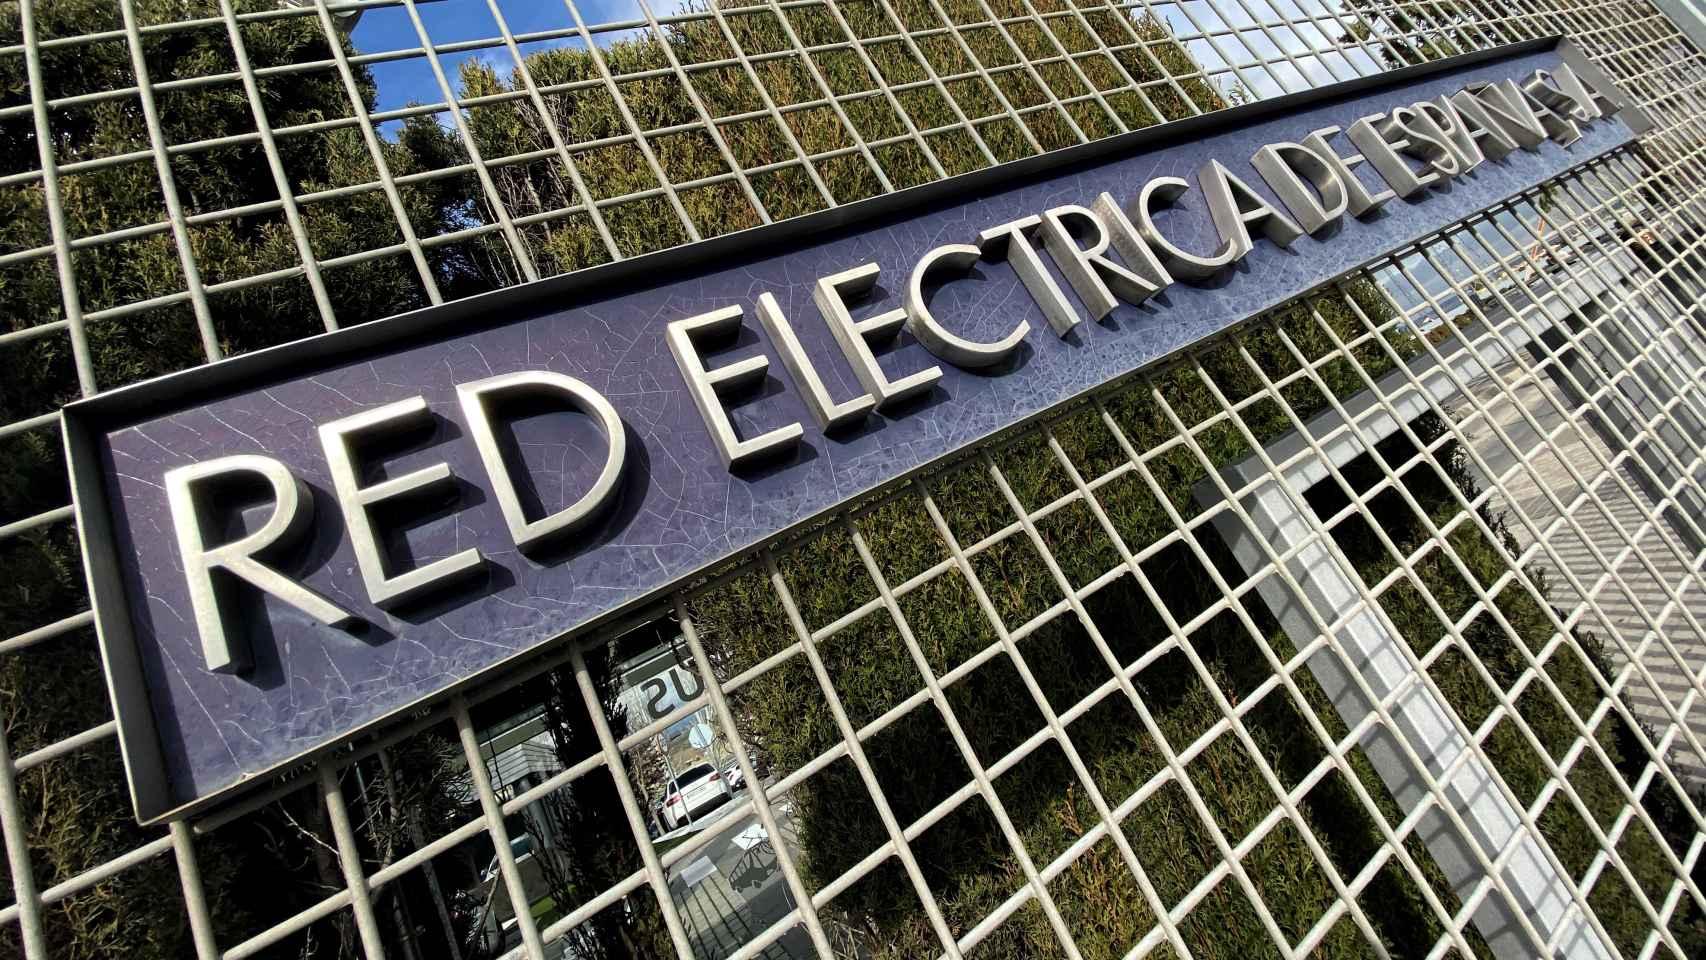 Rótulo en unas instalaciones de Red Eléctrica.